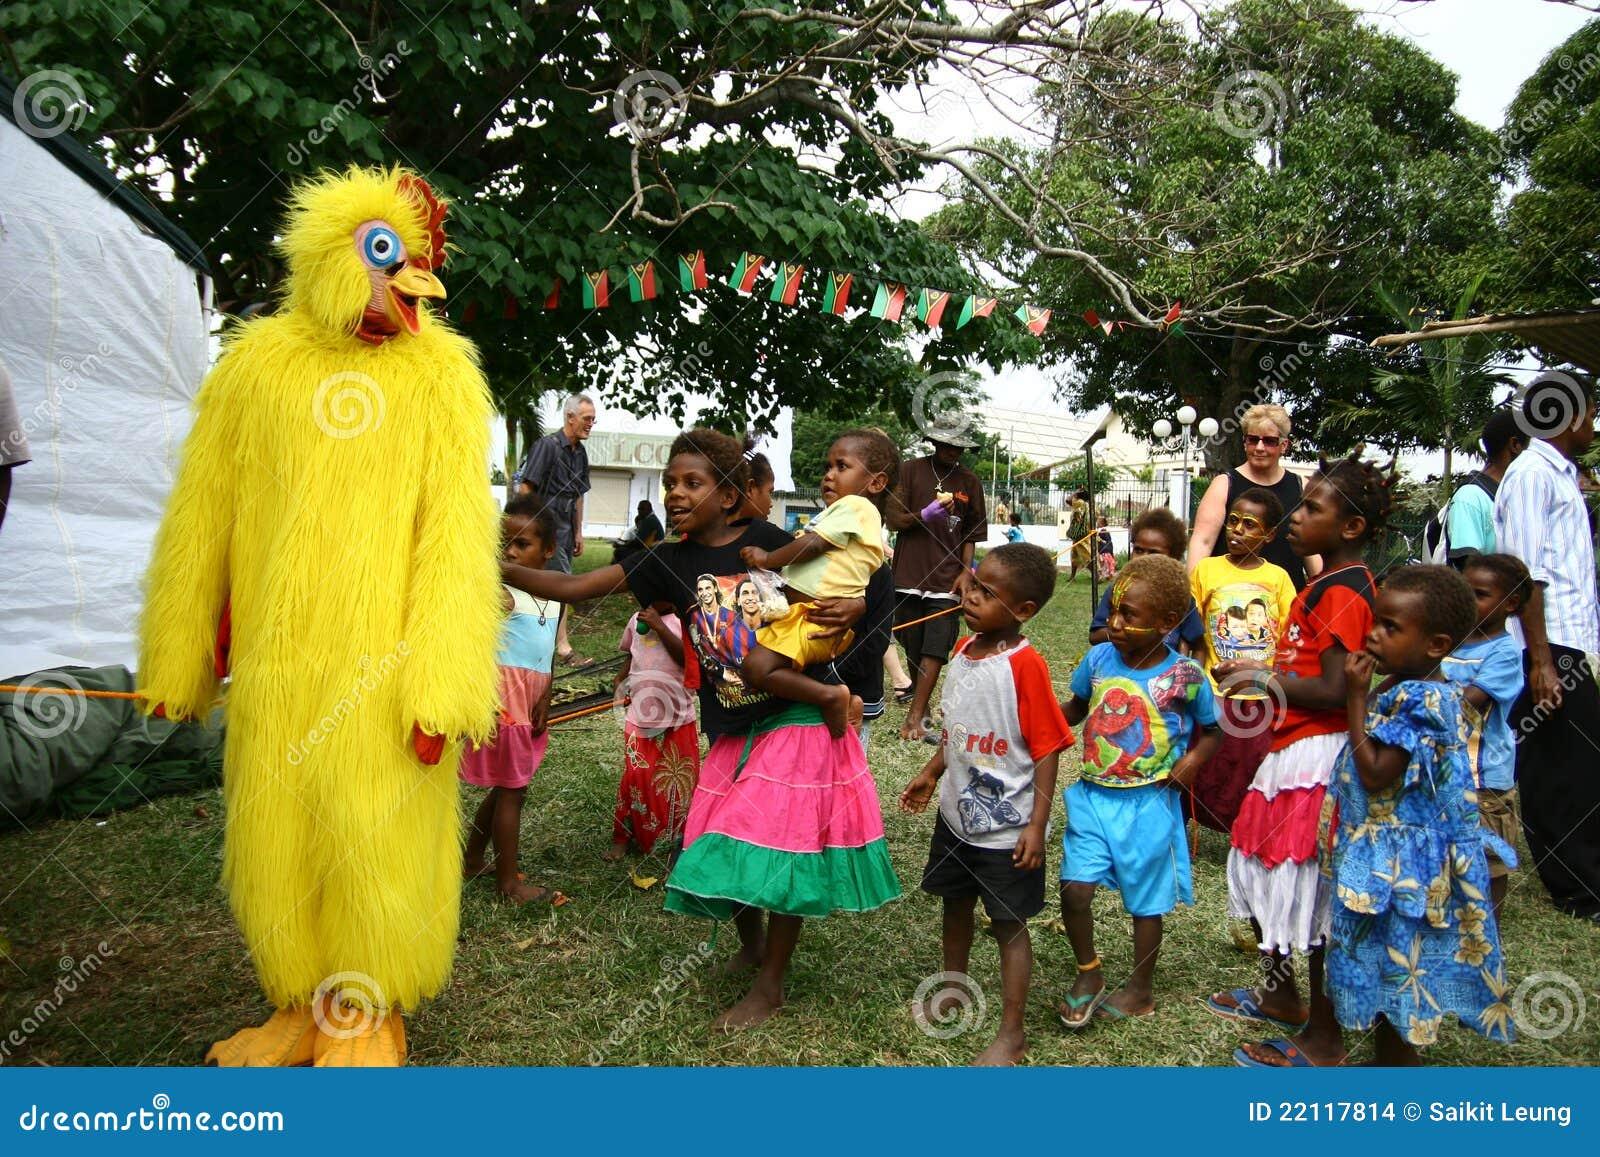 Children in Vanuatu